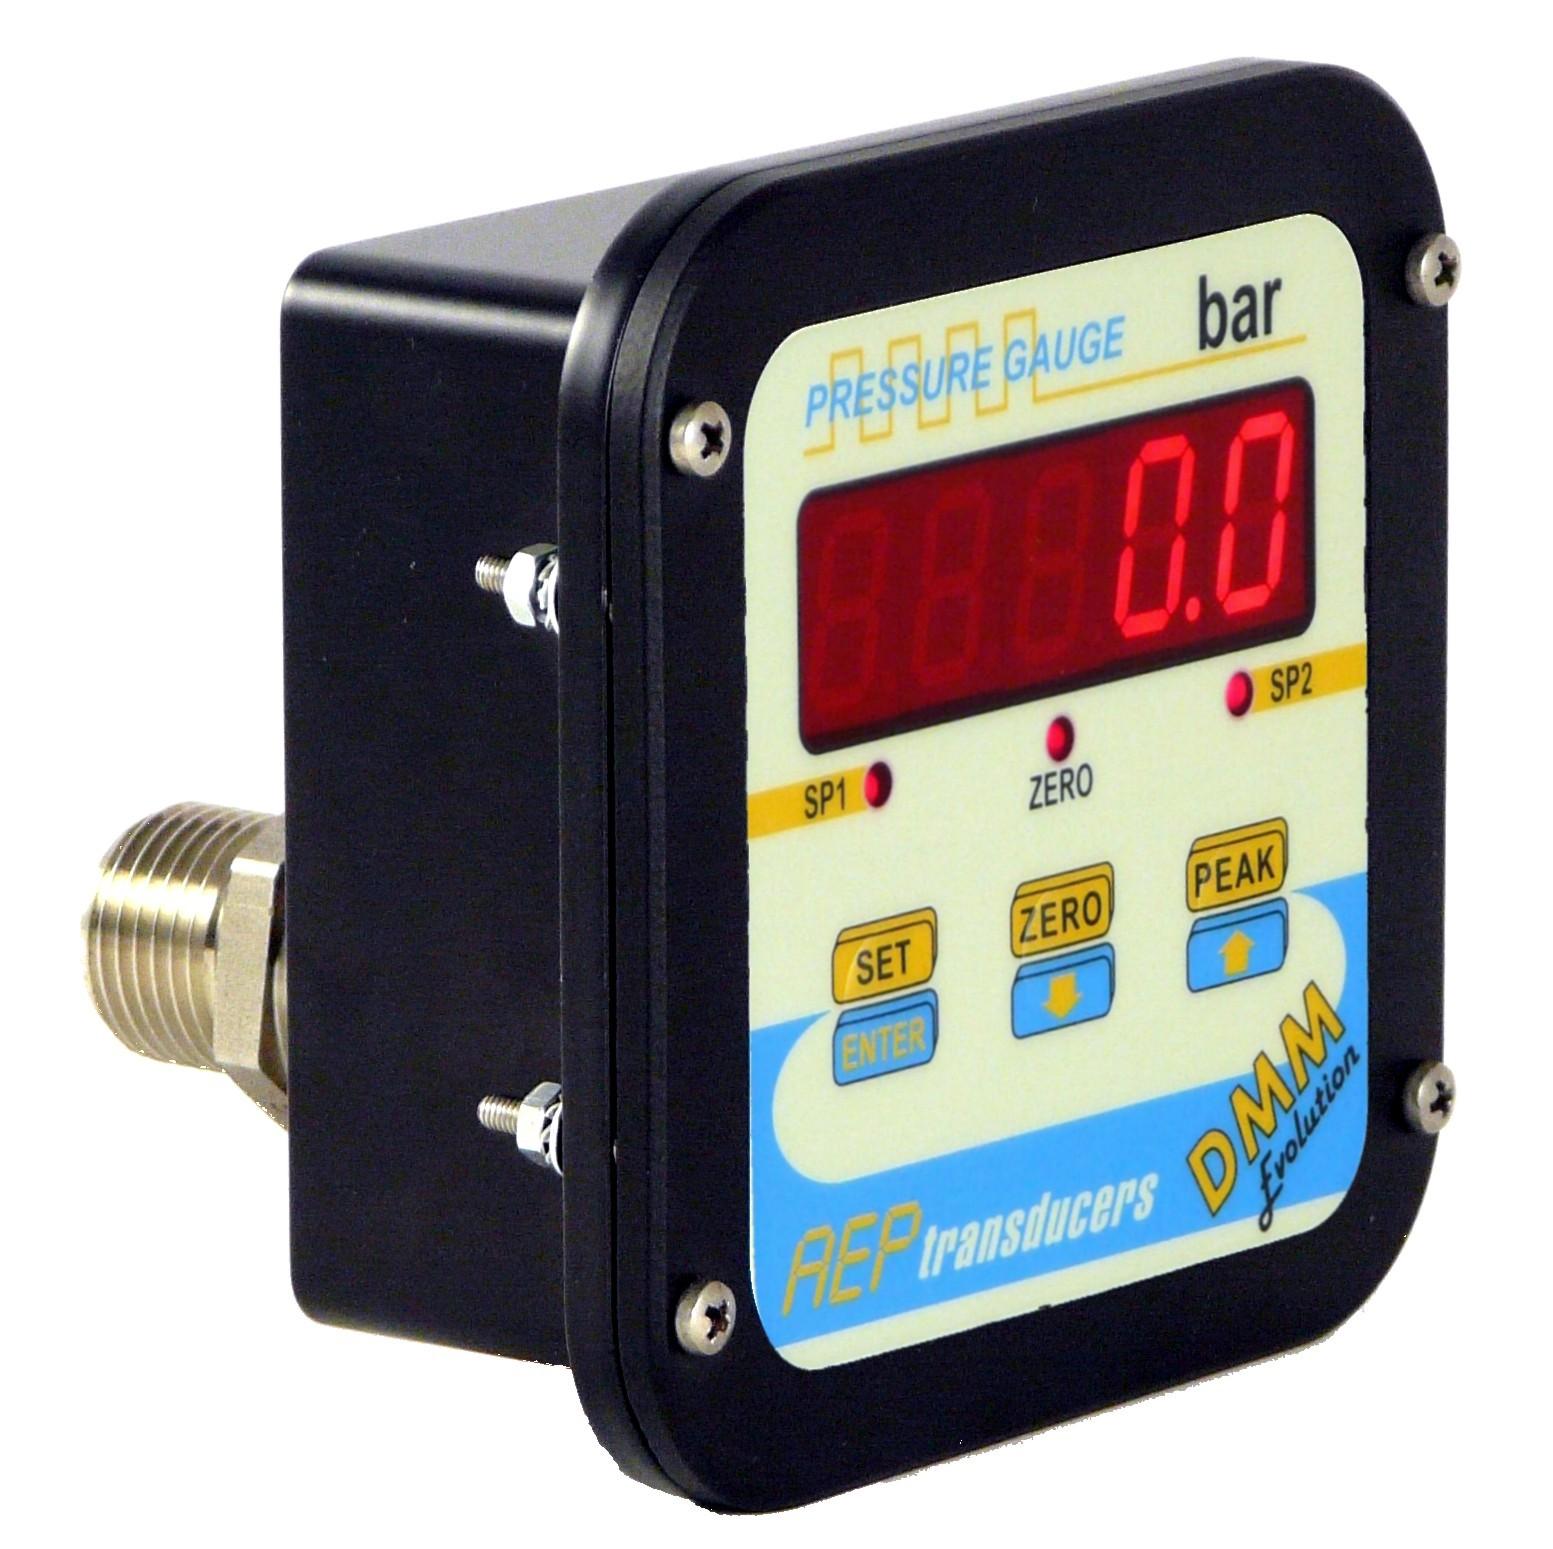 Man metros digitales sensing for Manometro para medir presion de agua